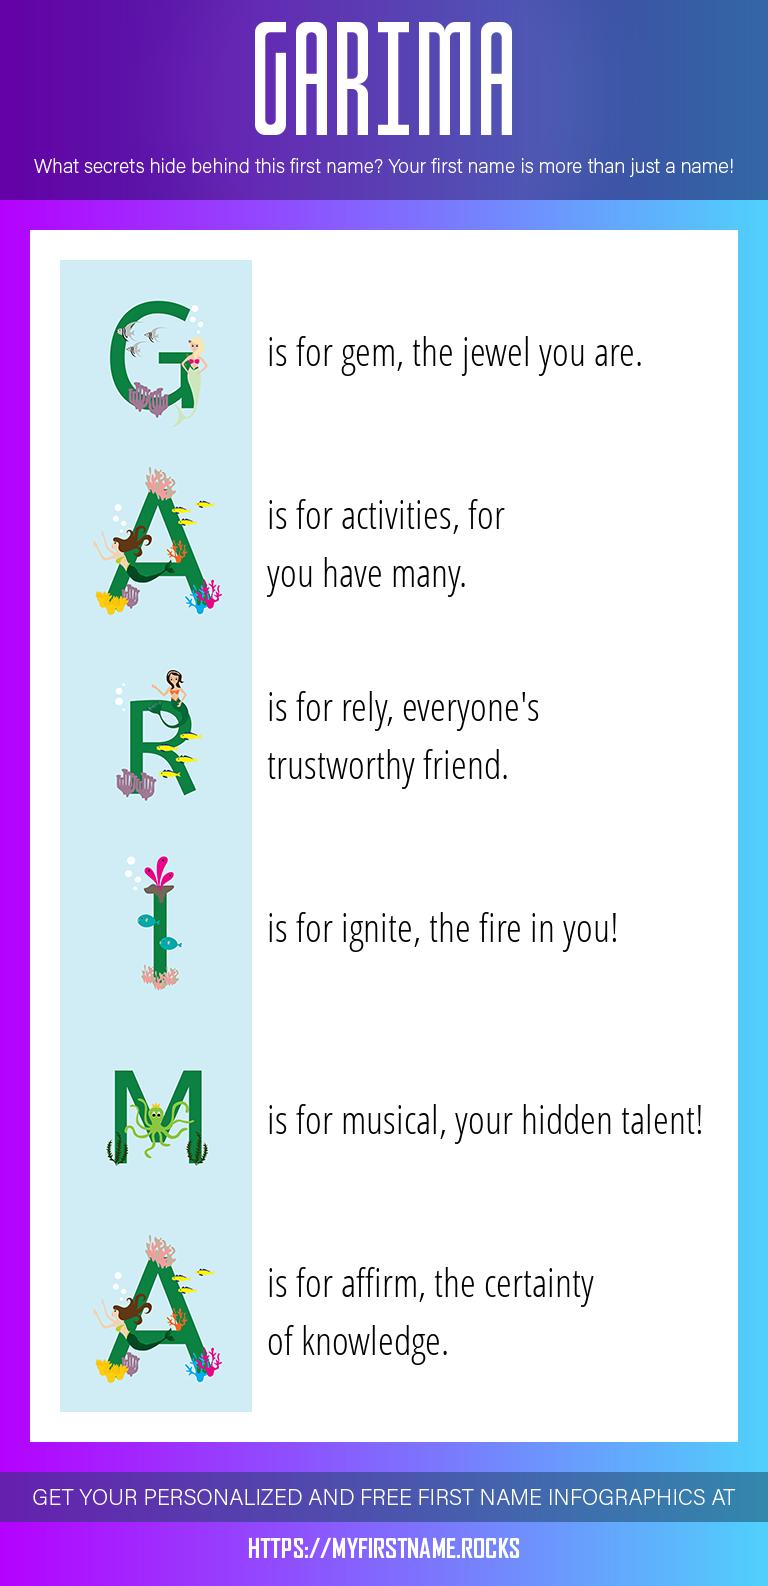 Garima Infographics